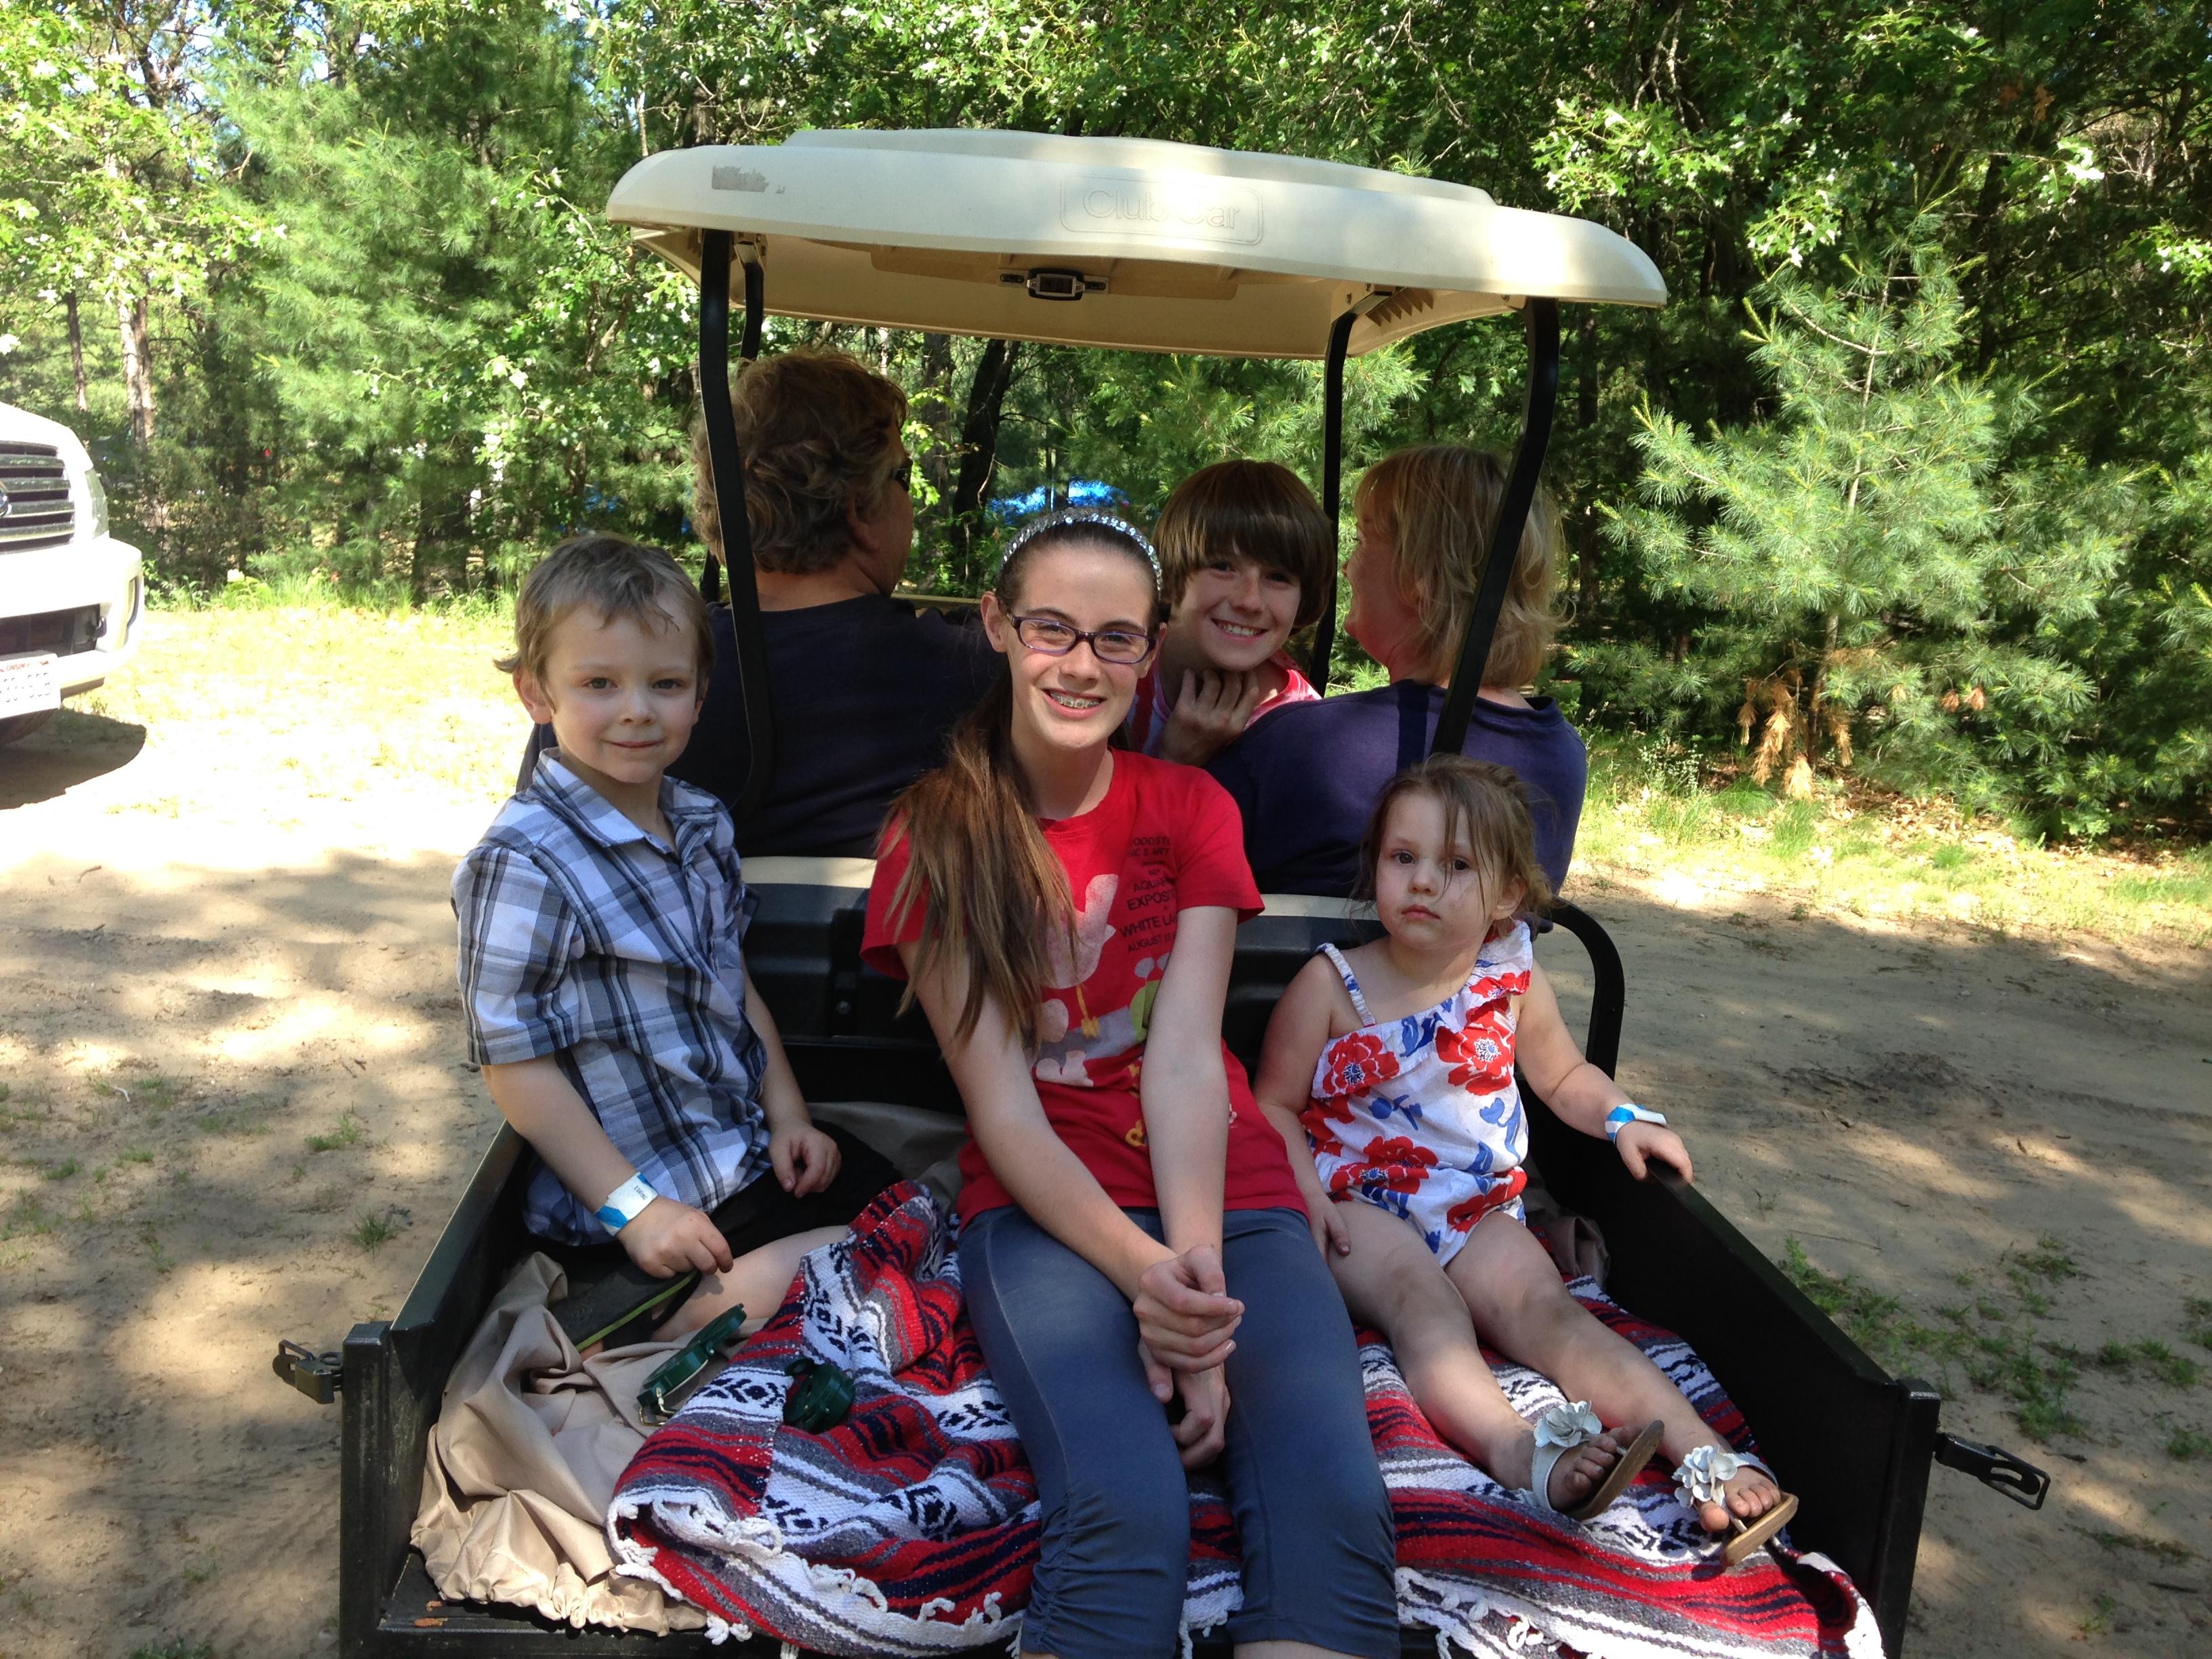 Kids on golf cart